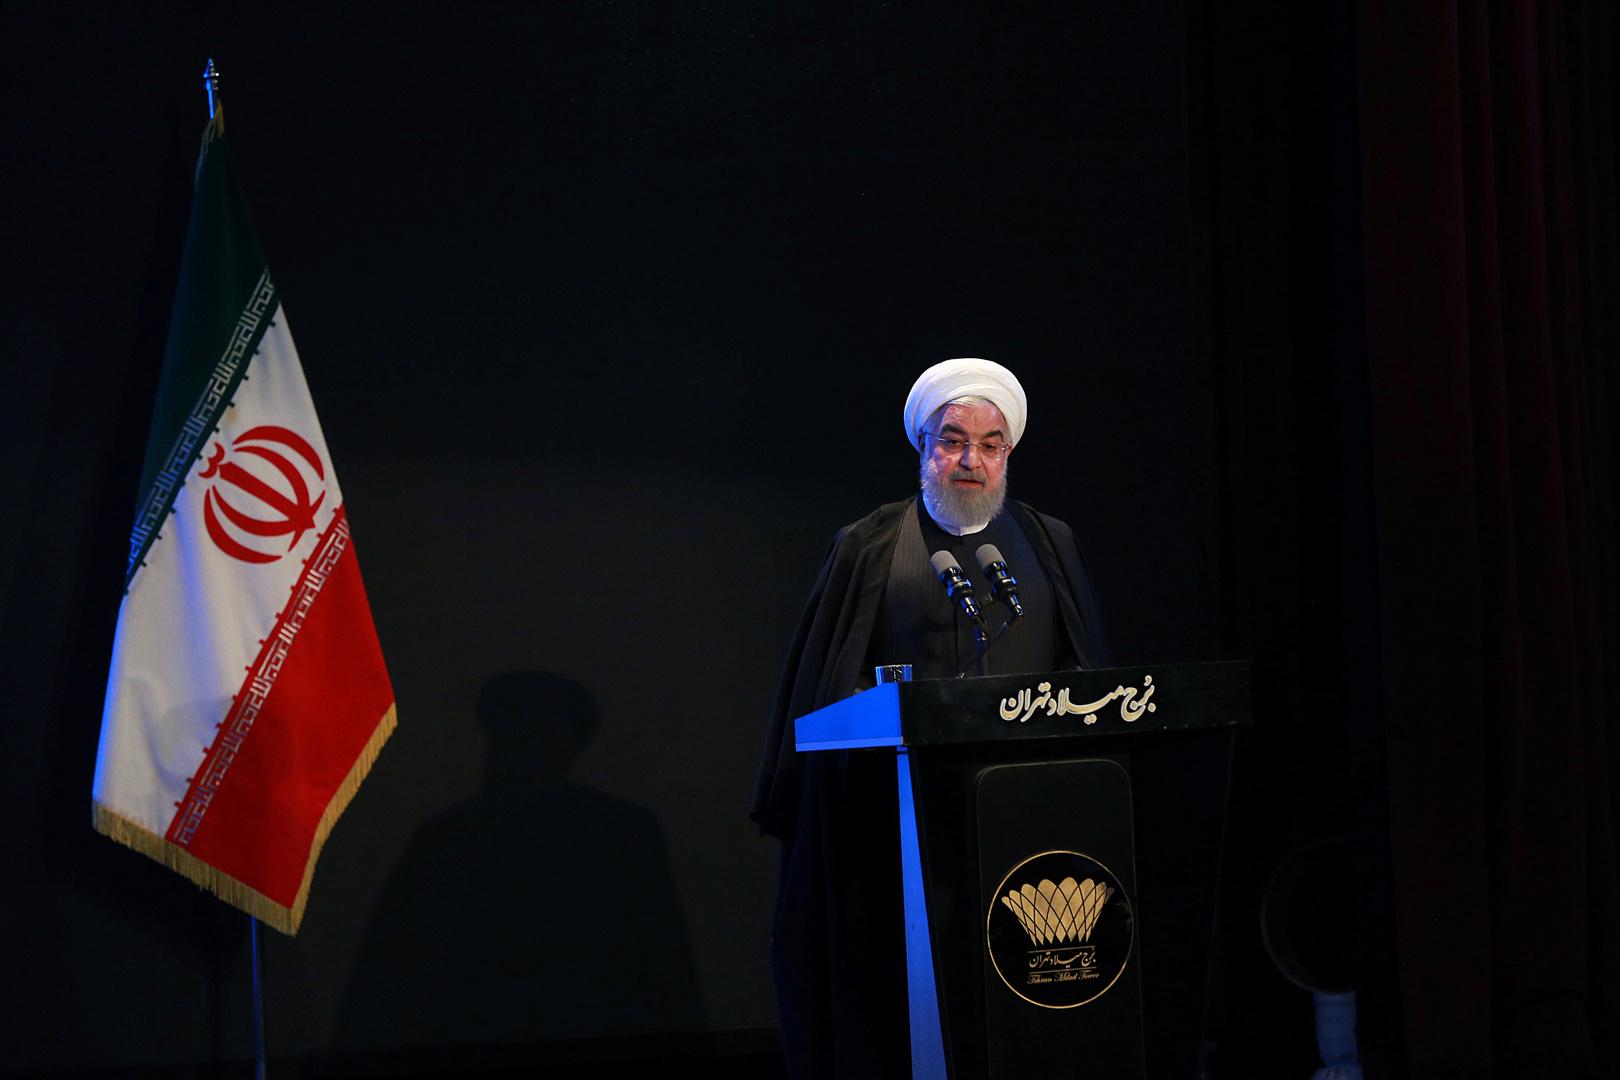 روحاني: إيران ستتبنى ميزانية مواجهة للعقوبات الأمريكية